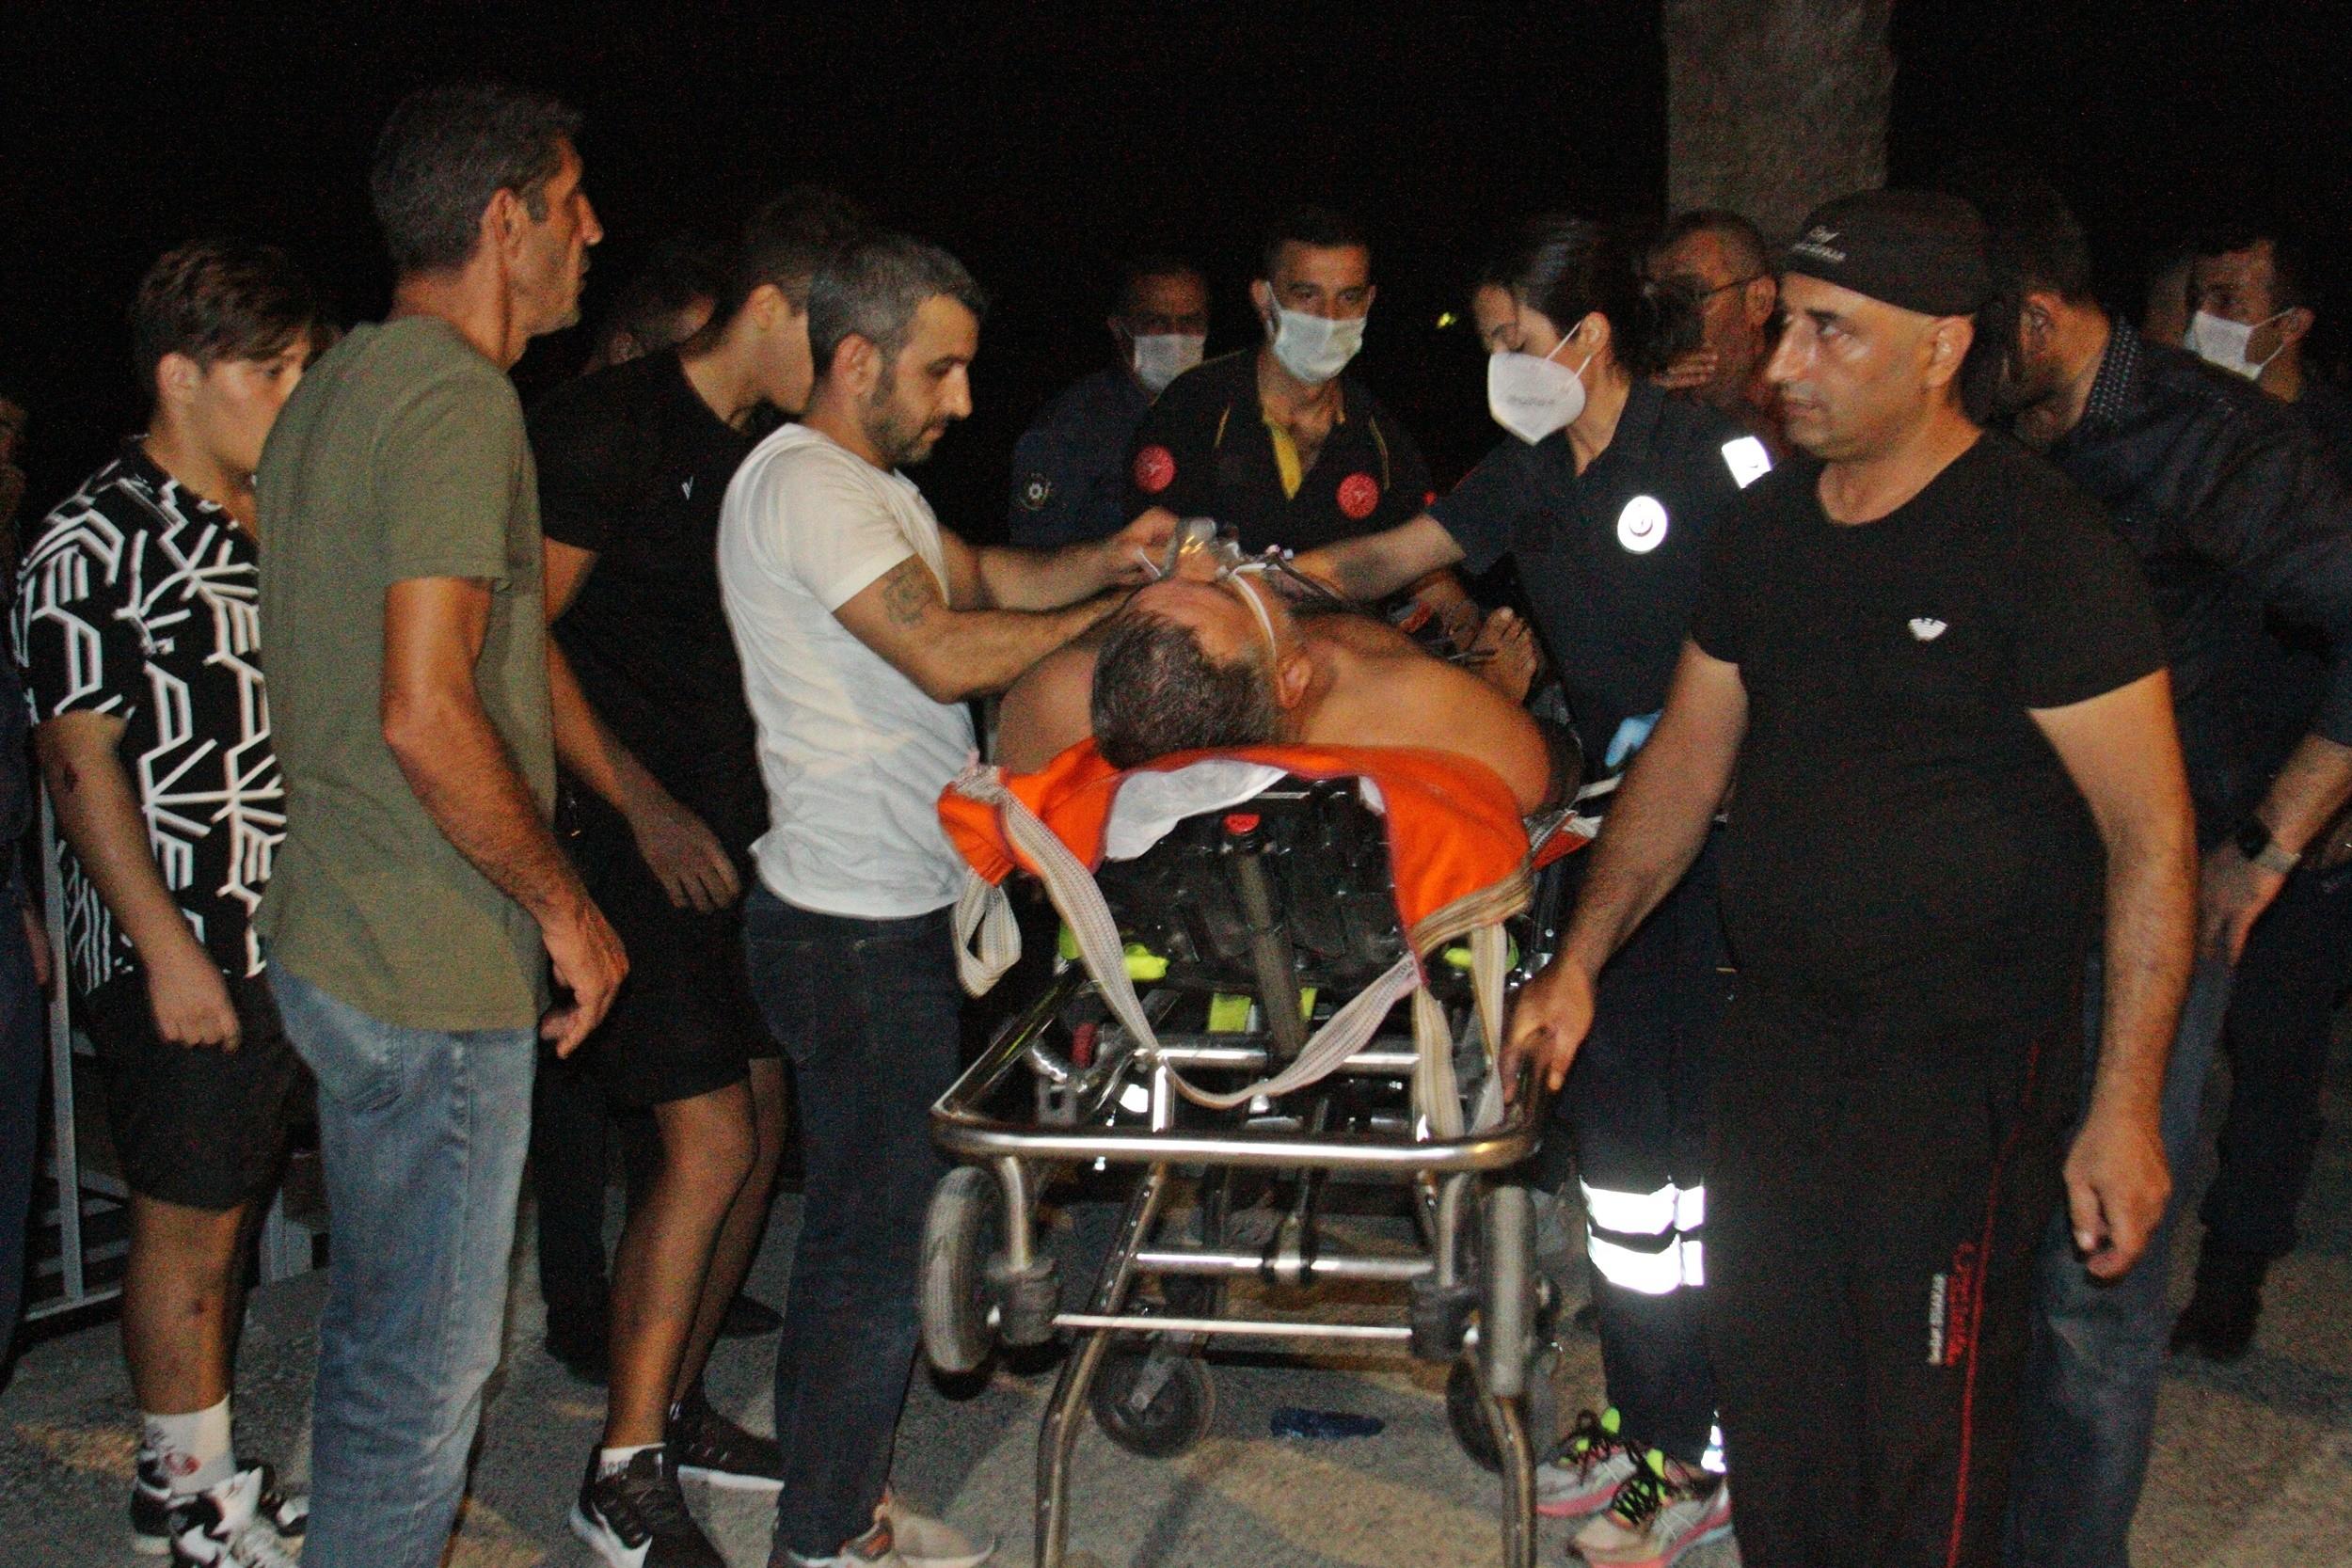 Antalya'da boğulma tehlikesi yaşandı! 50 yaşındaki adam son anda kurtarıldı